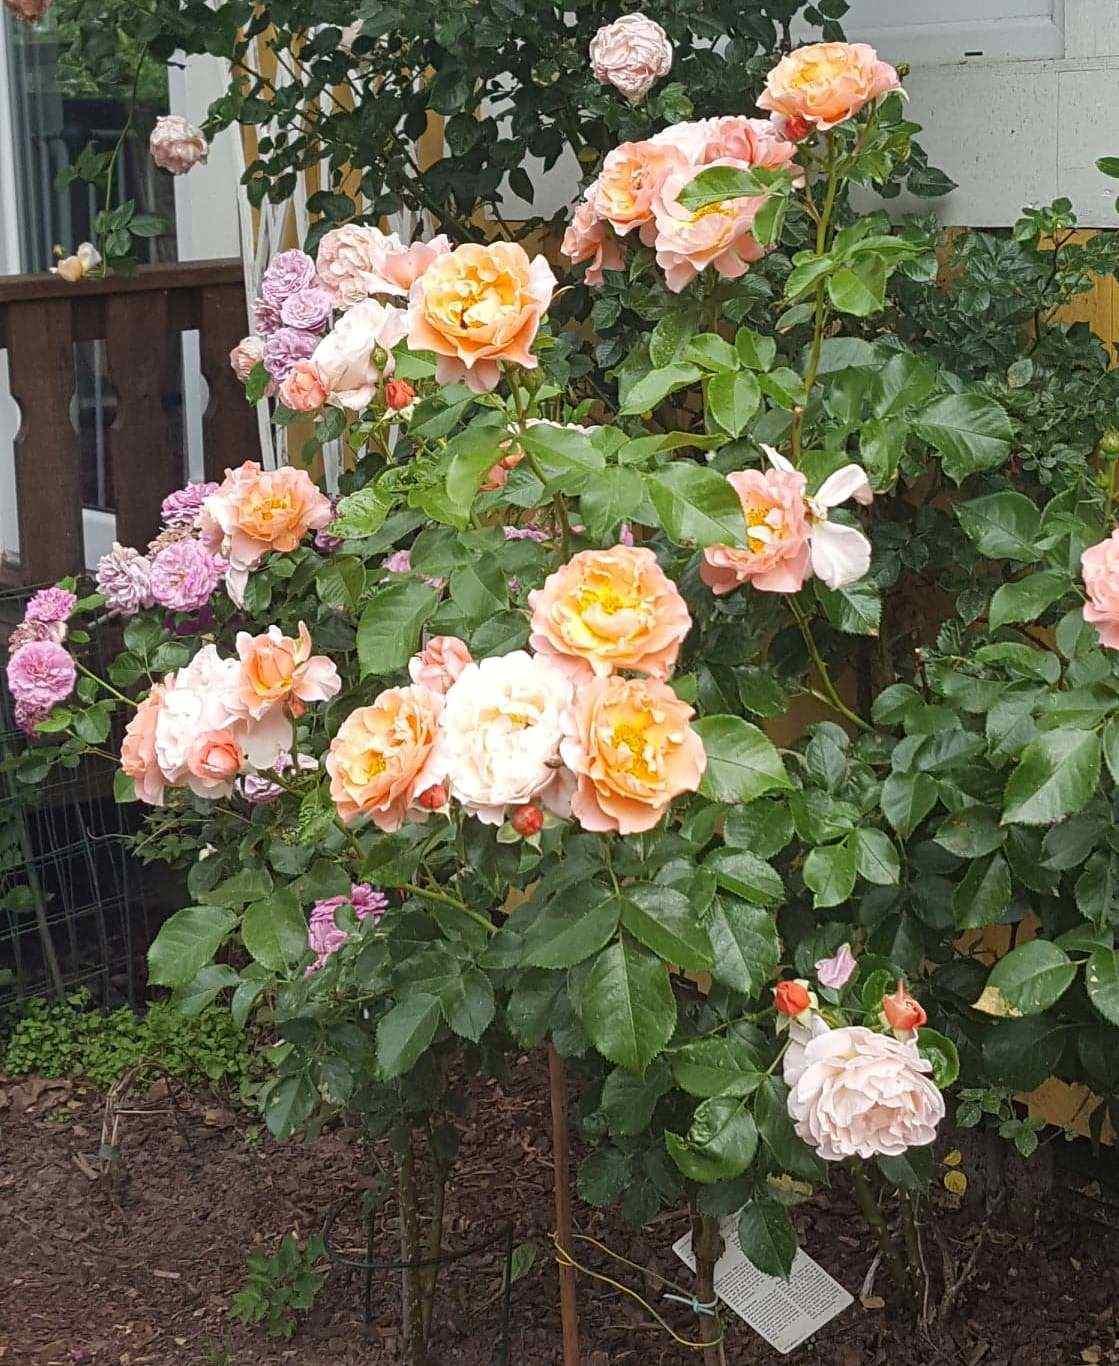 Niema piękniejszych kwiatów, niż róże